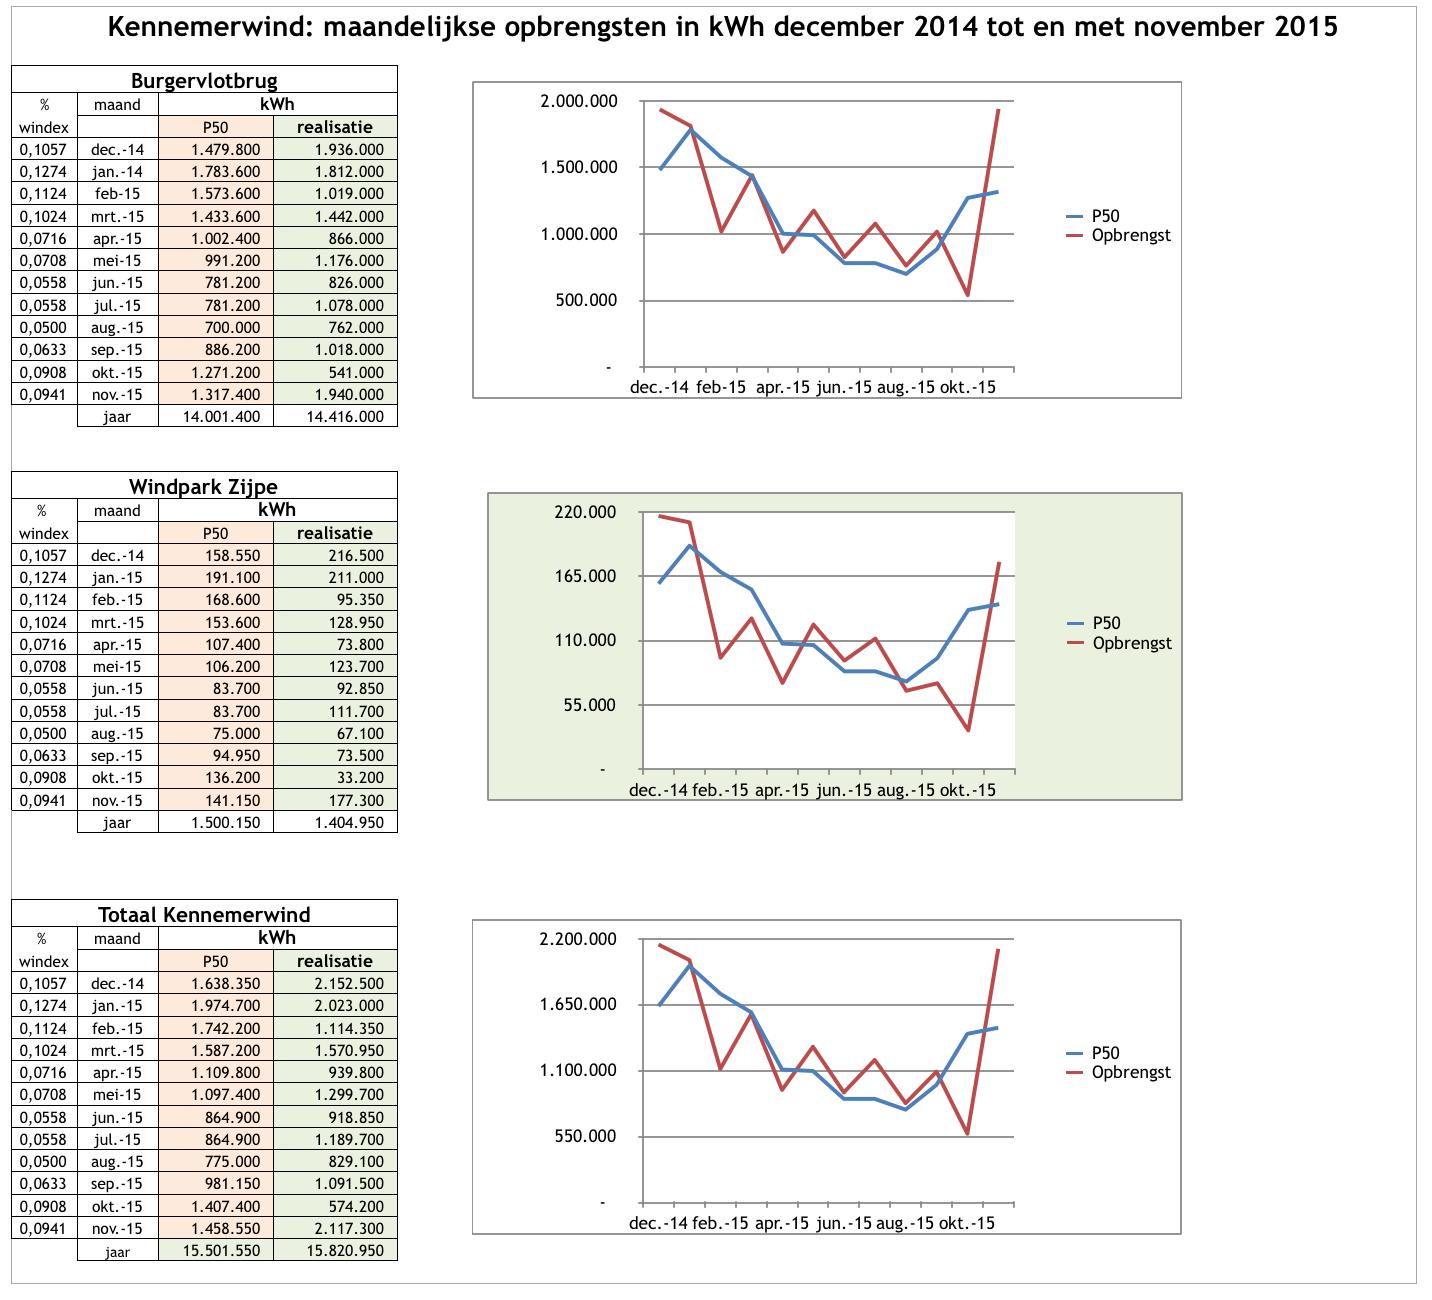 Schermafbeelding 2015-12-10 om 21.34.55